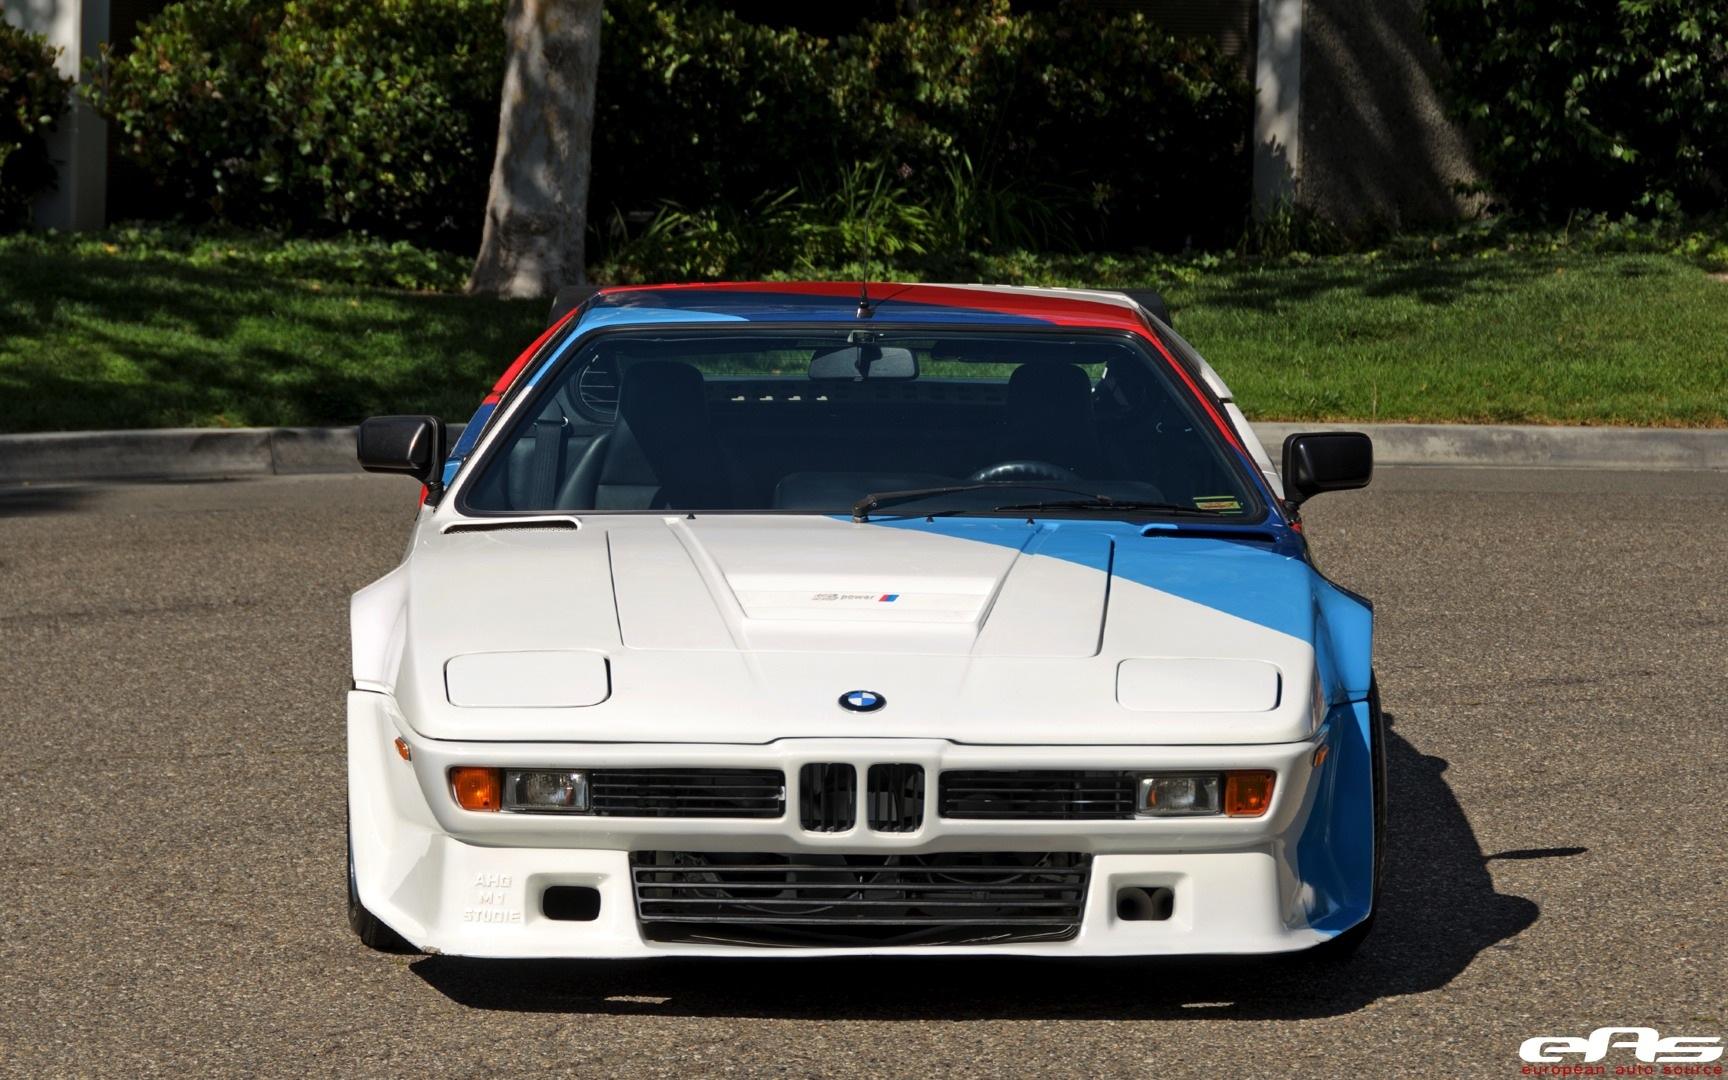 Bmw M1 For Sale >> Rare, Mint BMW M1 AHG Visits EAS - autoevolution